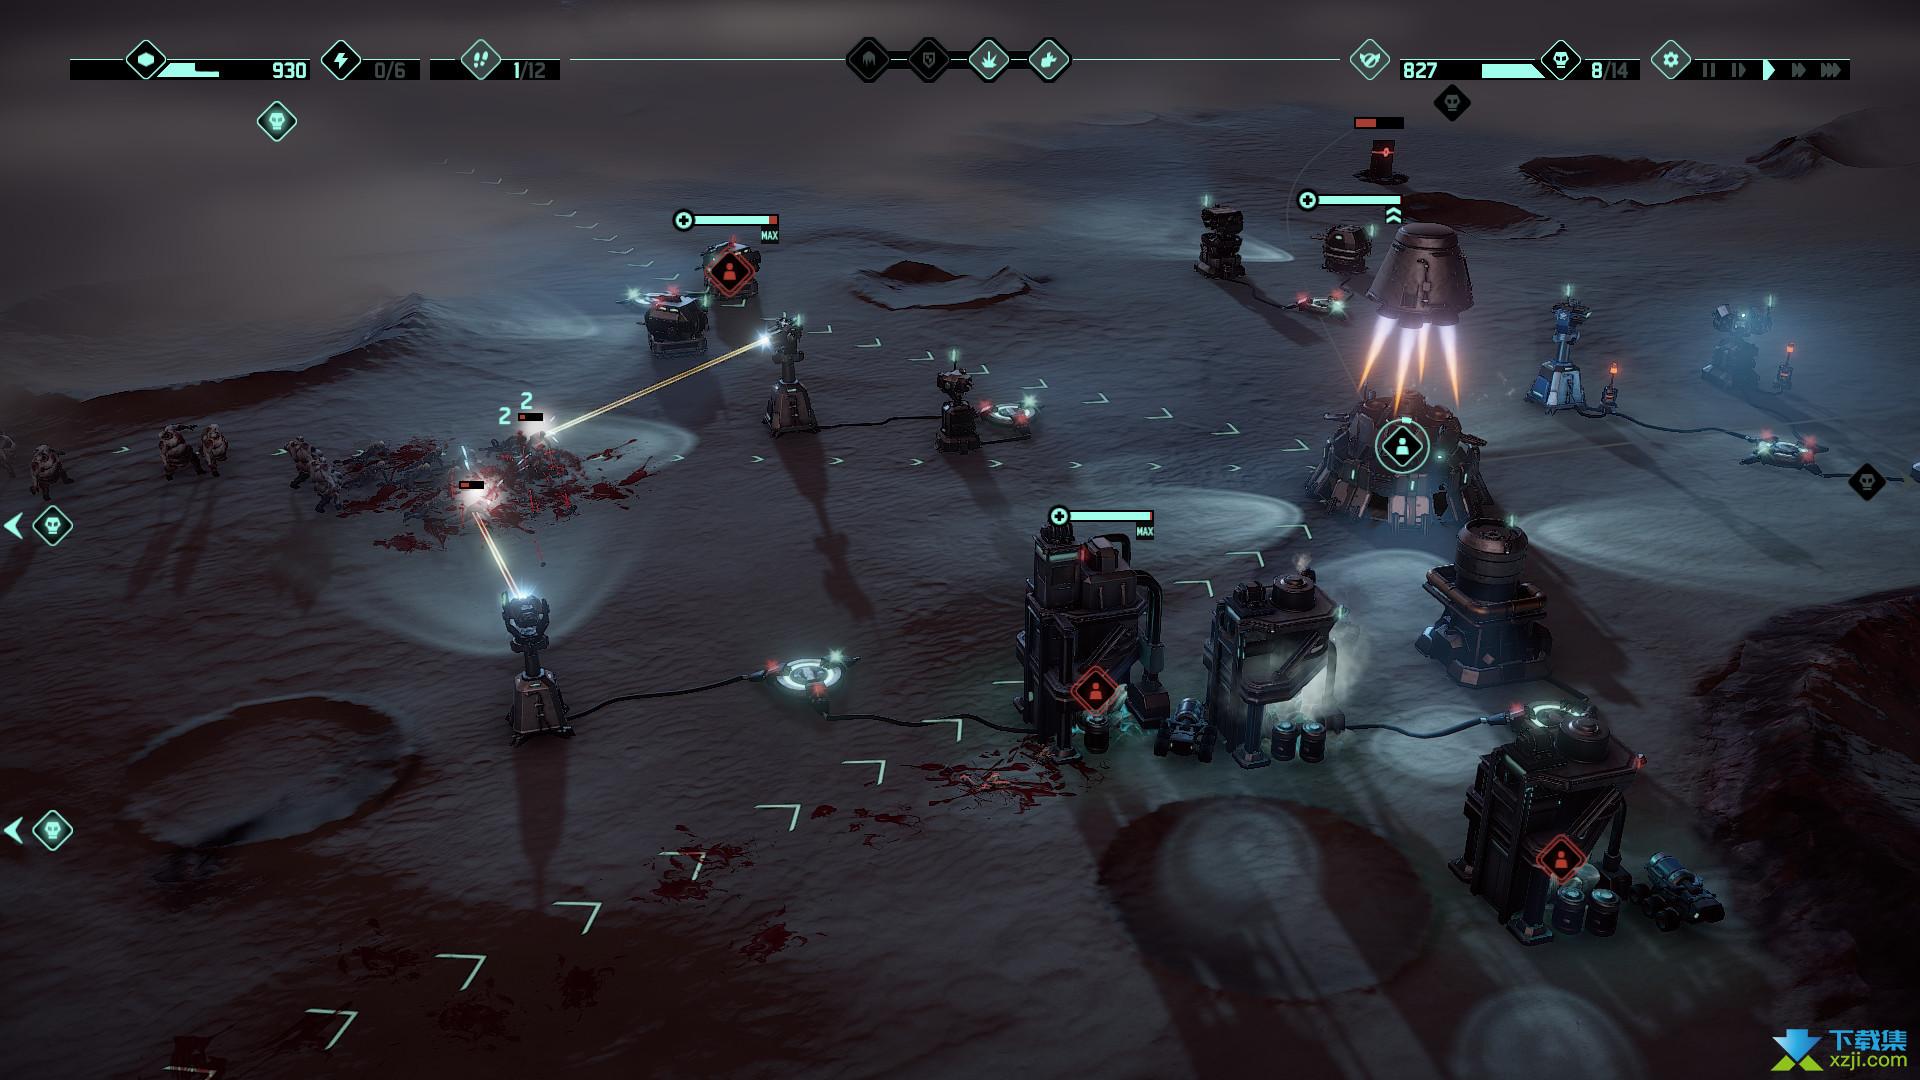 火星Z战术基地防御游戏界面1